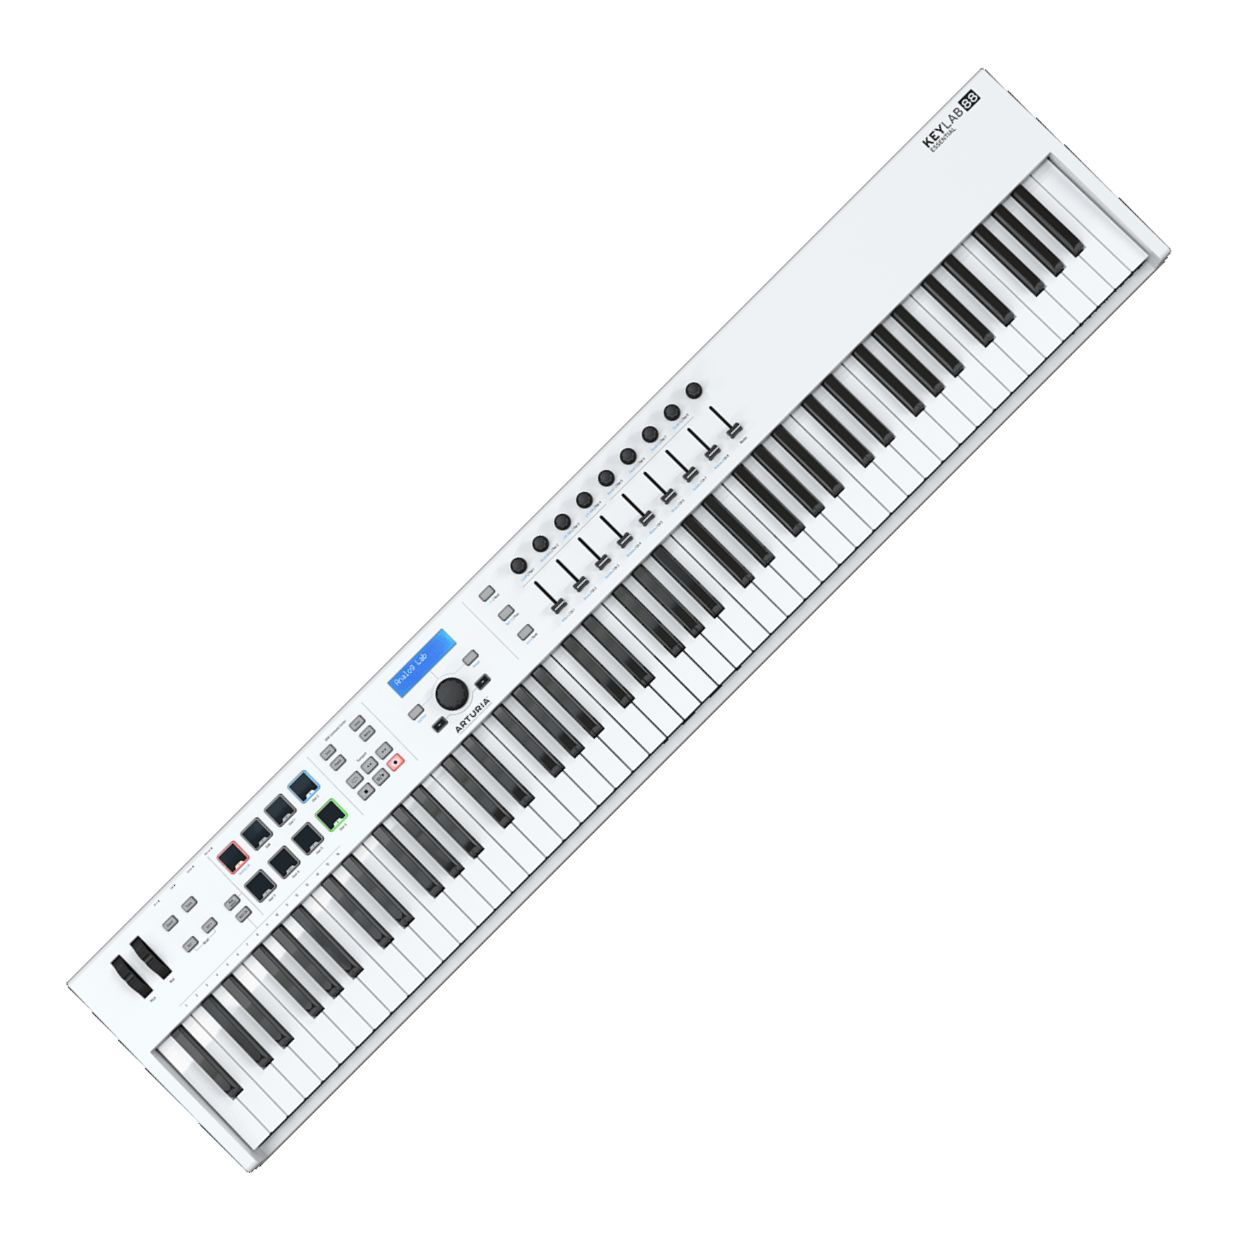 Arturia Keylabessential88 Usb Midi Keyboard Controller